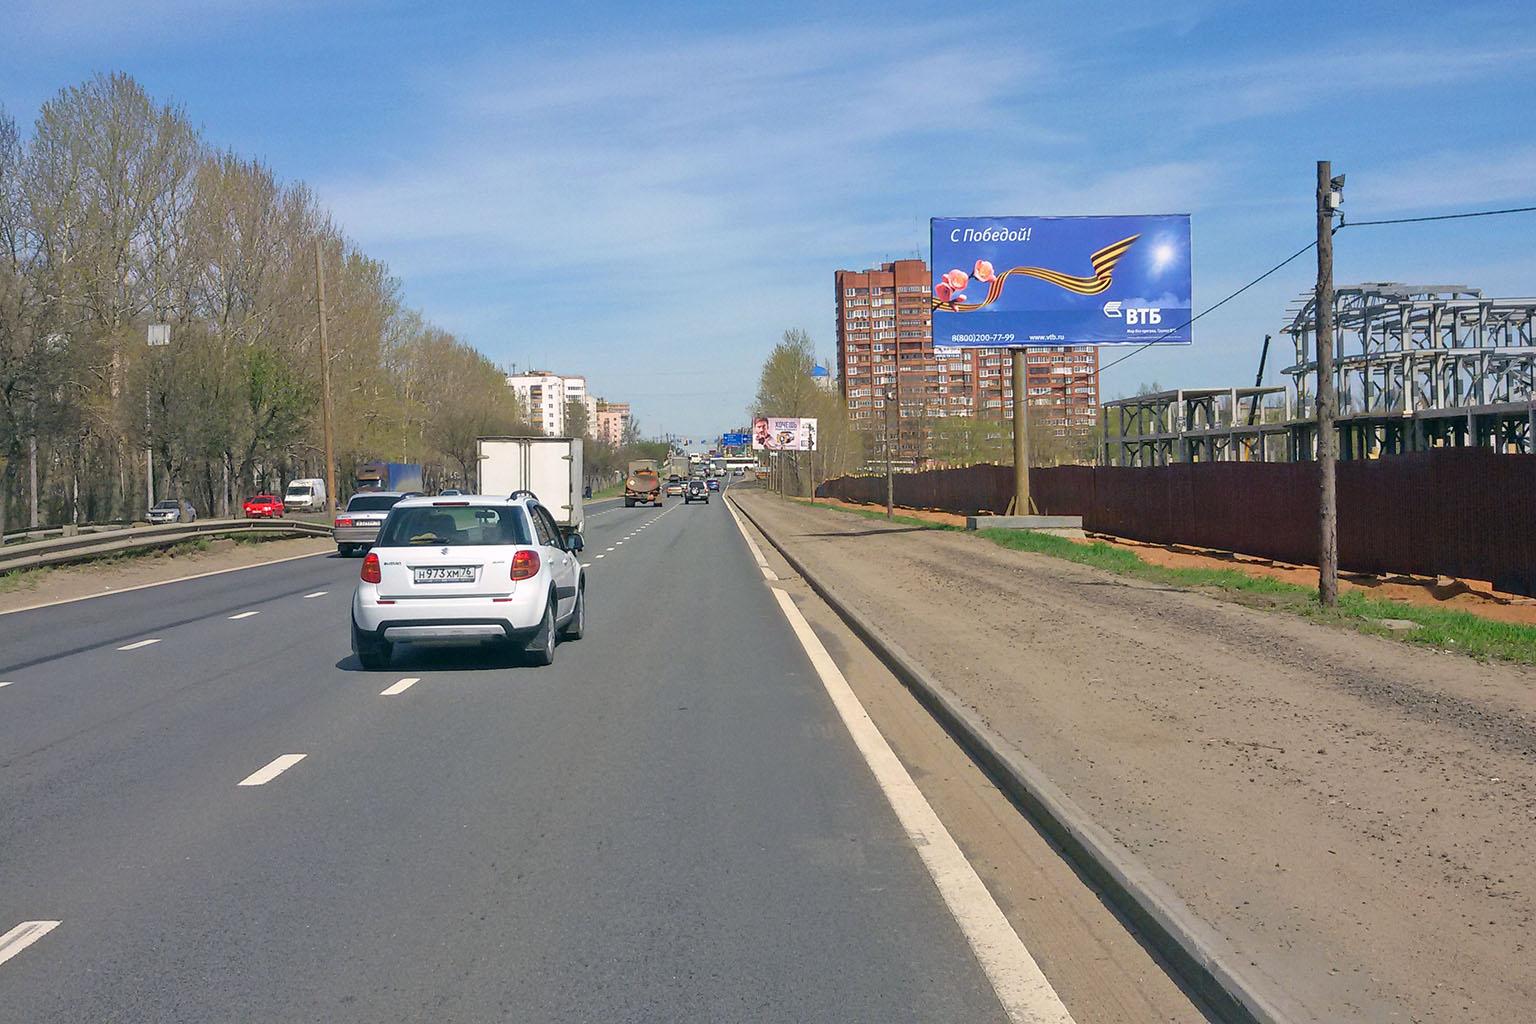 «С Победой!» - билборд Ярославль, Московский пр-т, 250 м до пересчения с ул. Калинина